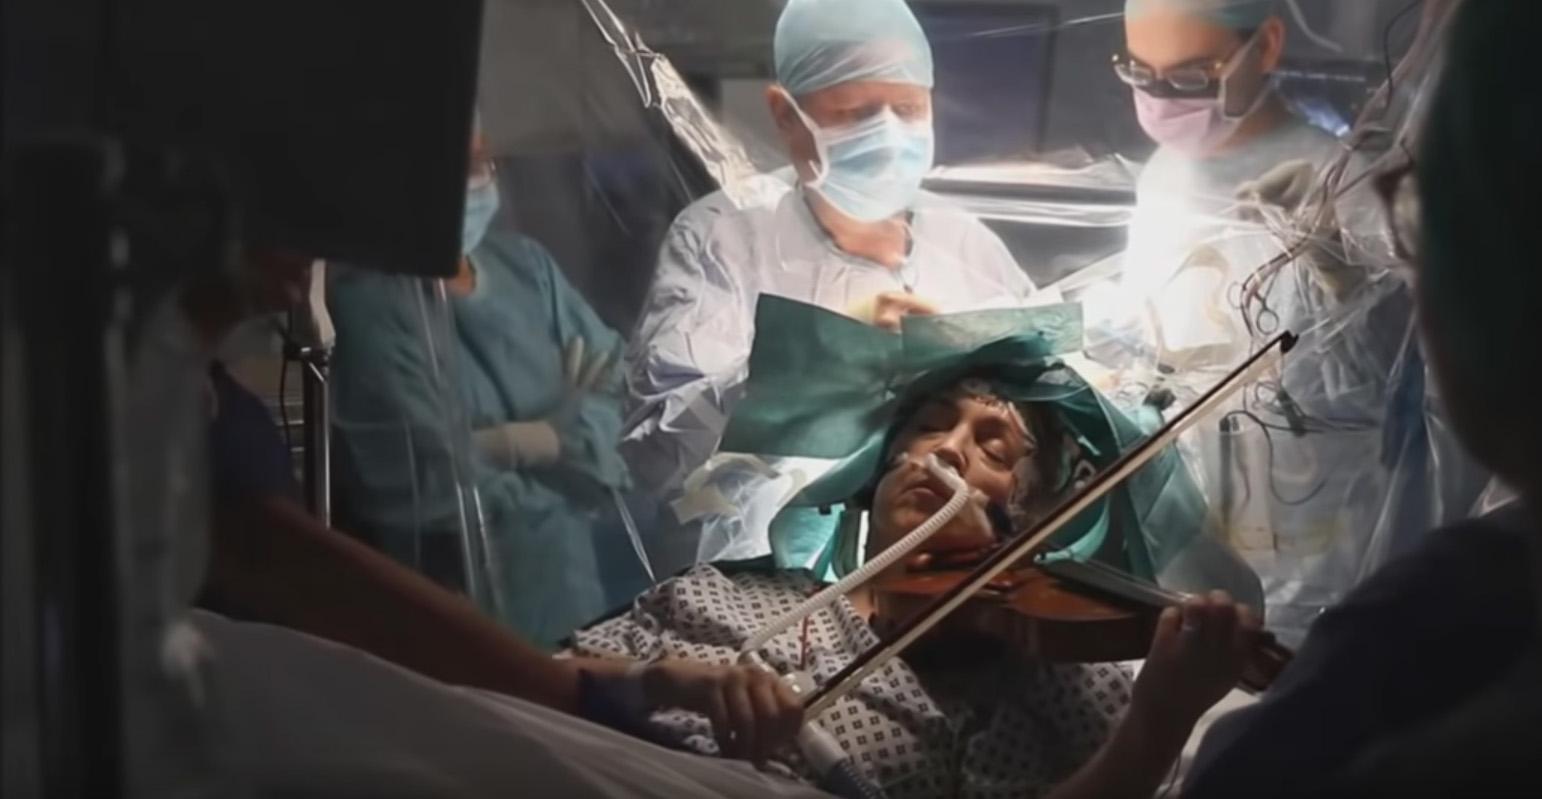 VIDEO: Mujer toca el violín mientras la operan para remover un tumor cerebral